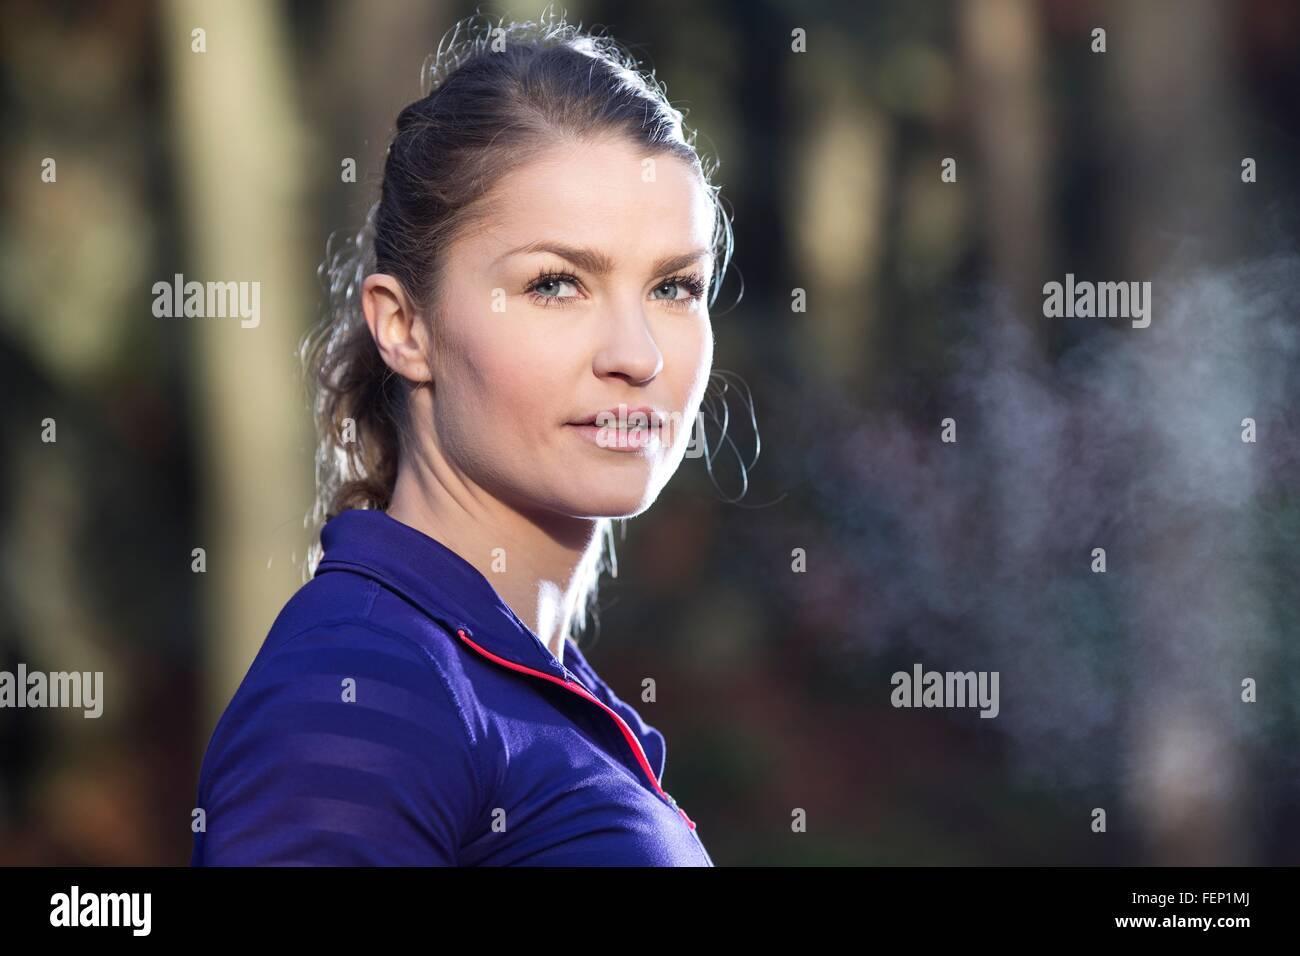 Porträt der jungen Frau, Blick in die Kamera, Kondensation von Atem Stockbild